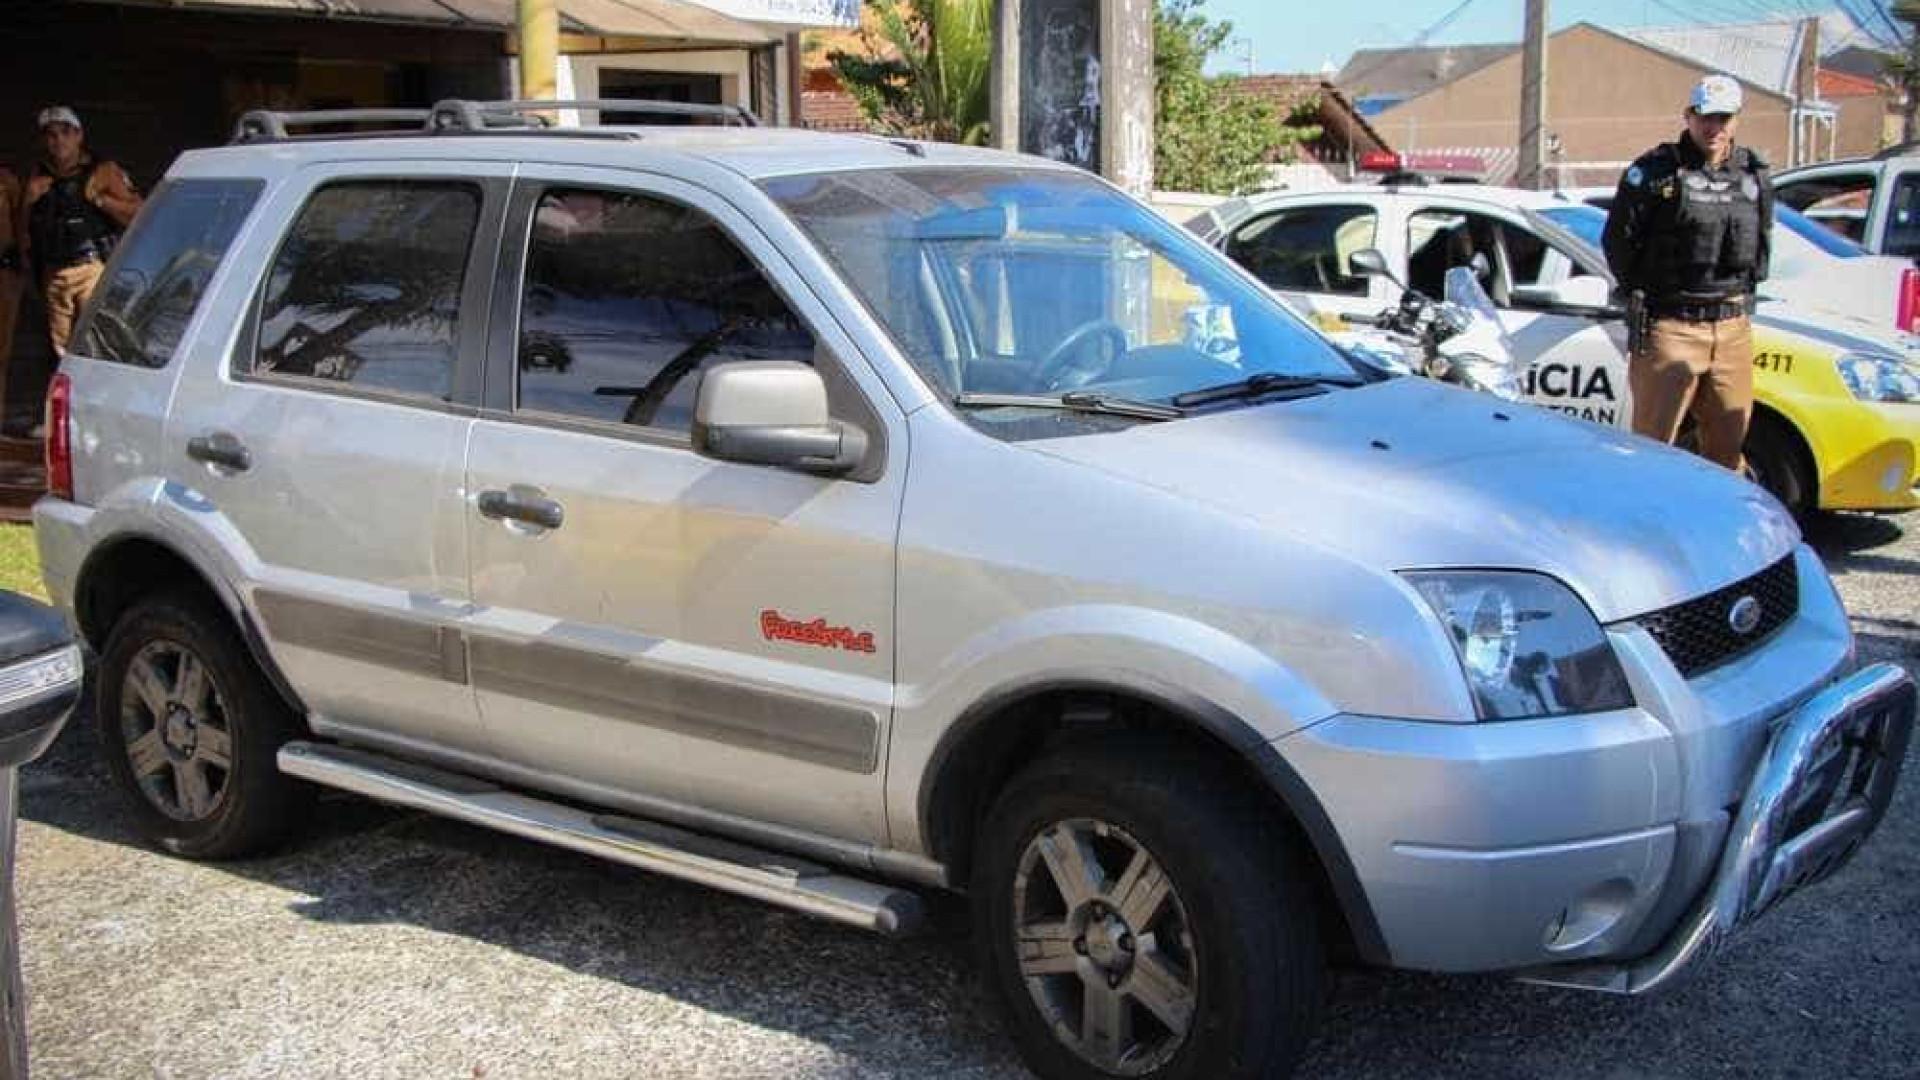 Carro com R$ 88 milhões em multas é apreendido em Curitiba